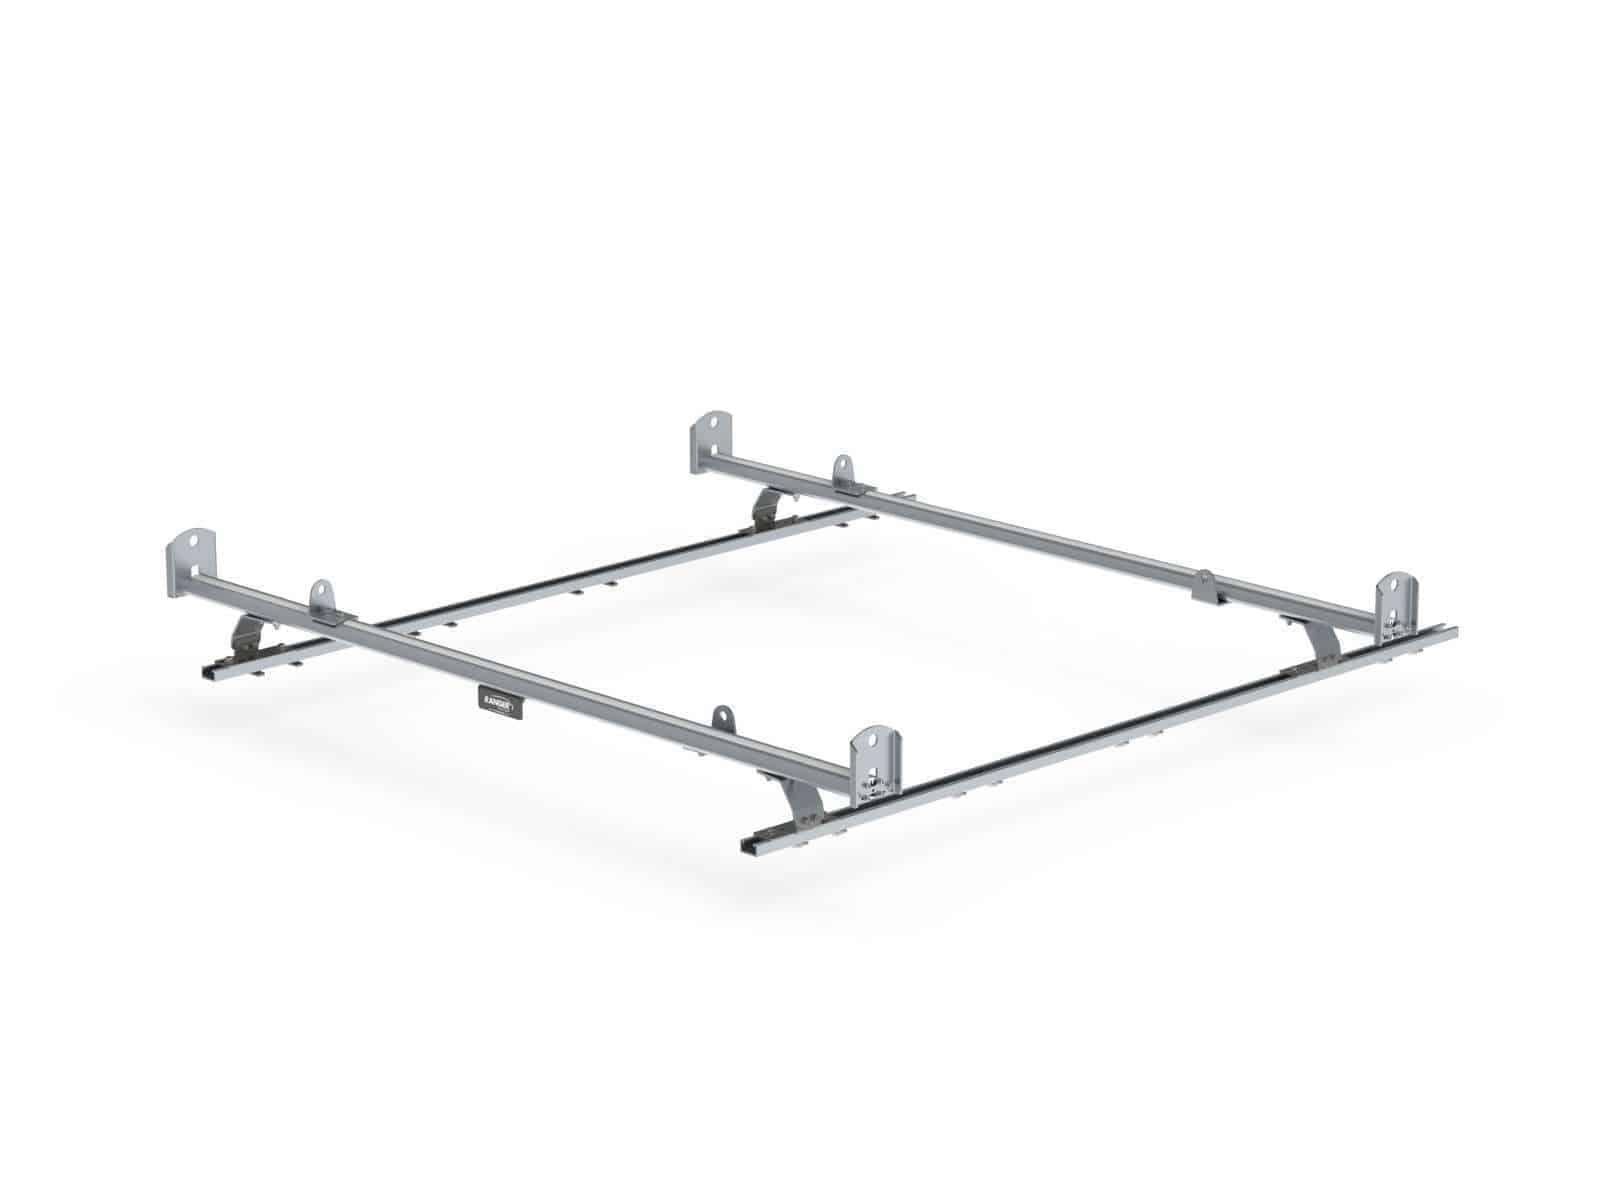 Cargo Rack For Vans 2 Bar System Nissan Nv Hr